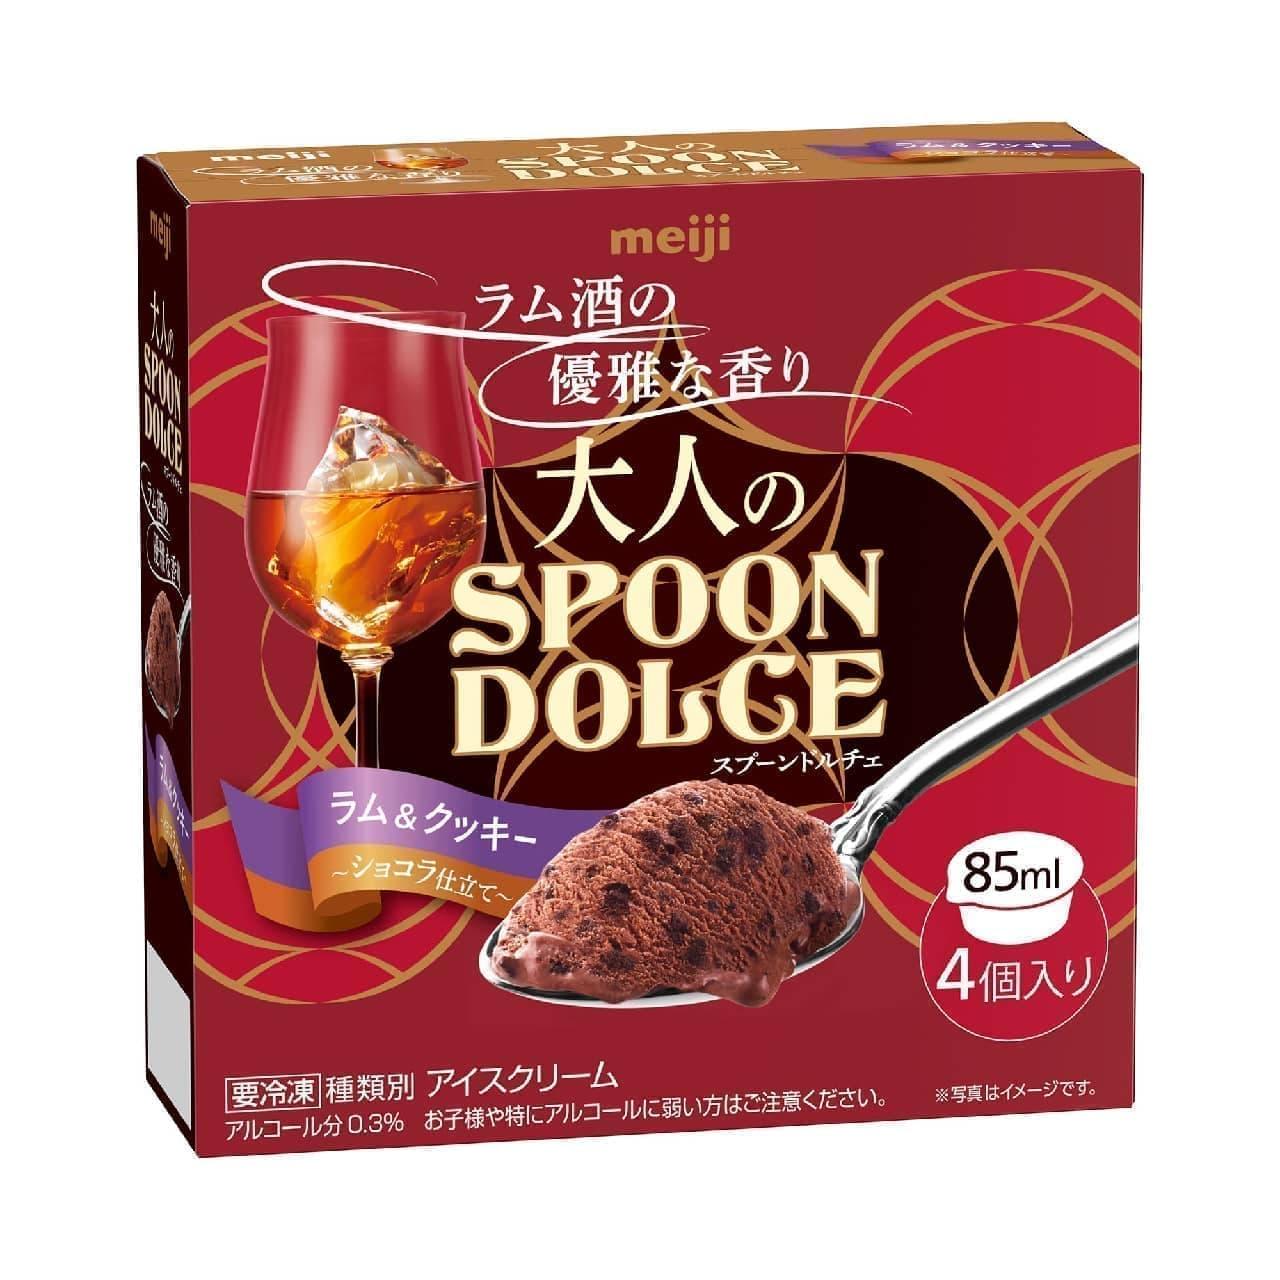 大人のSPOON DOLCE ラム&クッキー~ショコラ仕立て~